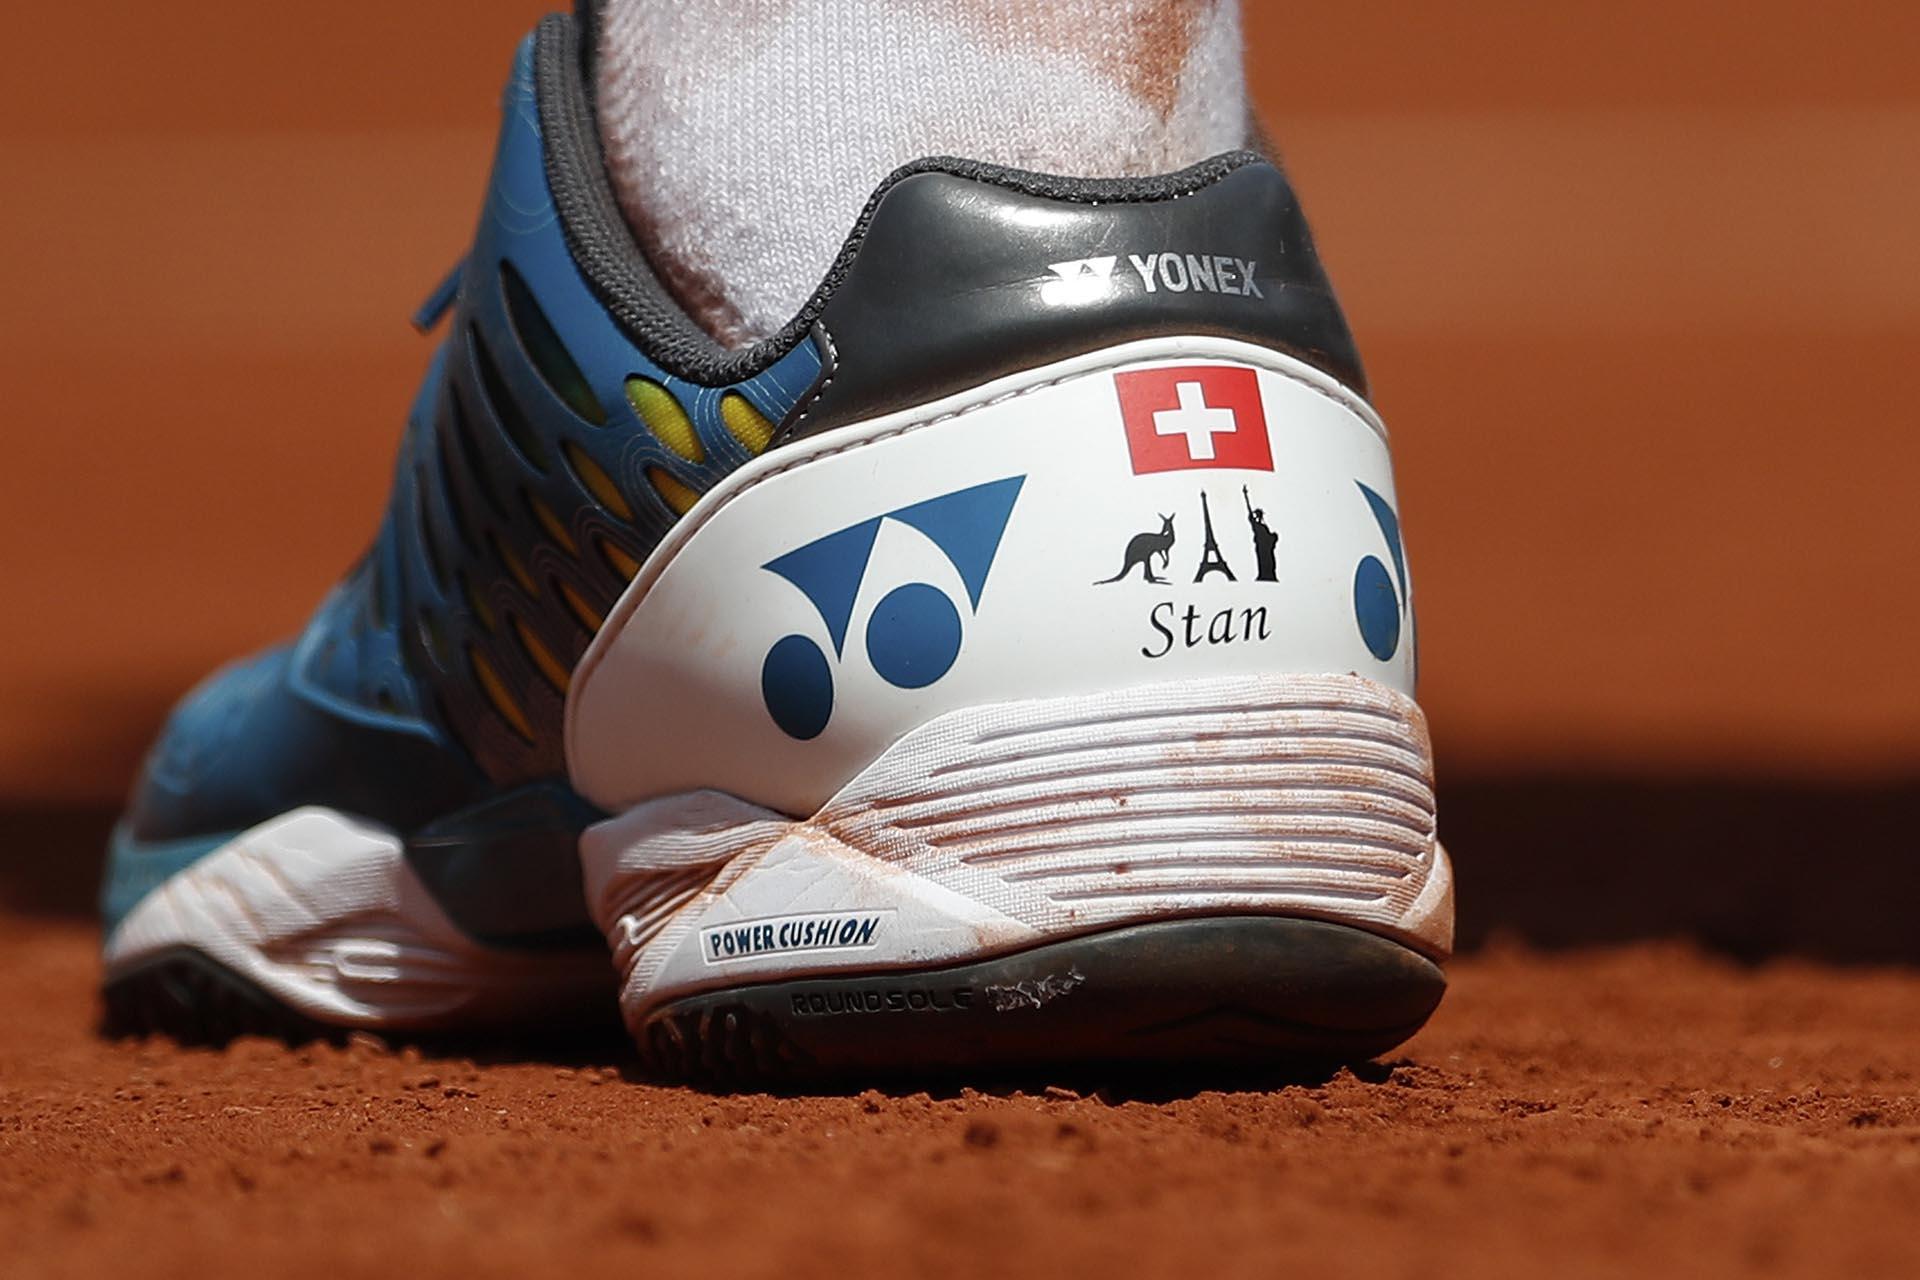 Las zapatillas del tenista suizo Stan Wawrinka en la seminifinal de Roland Garros lucen su nombre y las imágenes de un Wallaby, la Torre Eiffel y la Estatua de la Libertad por los tres lugares donde ganó títulos Grand Slam